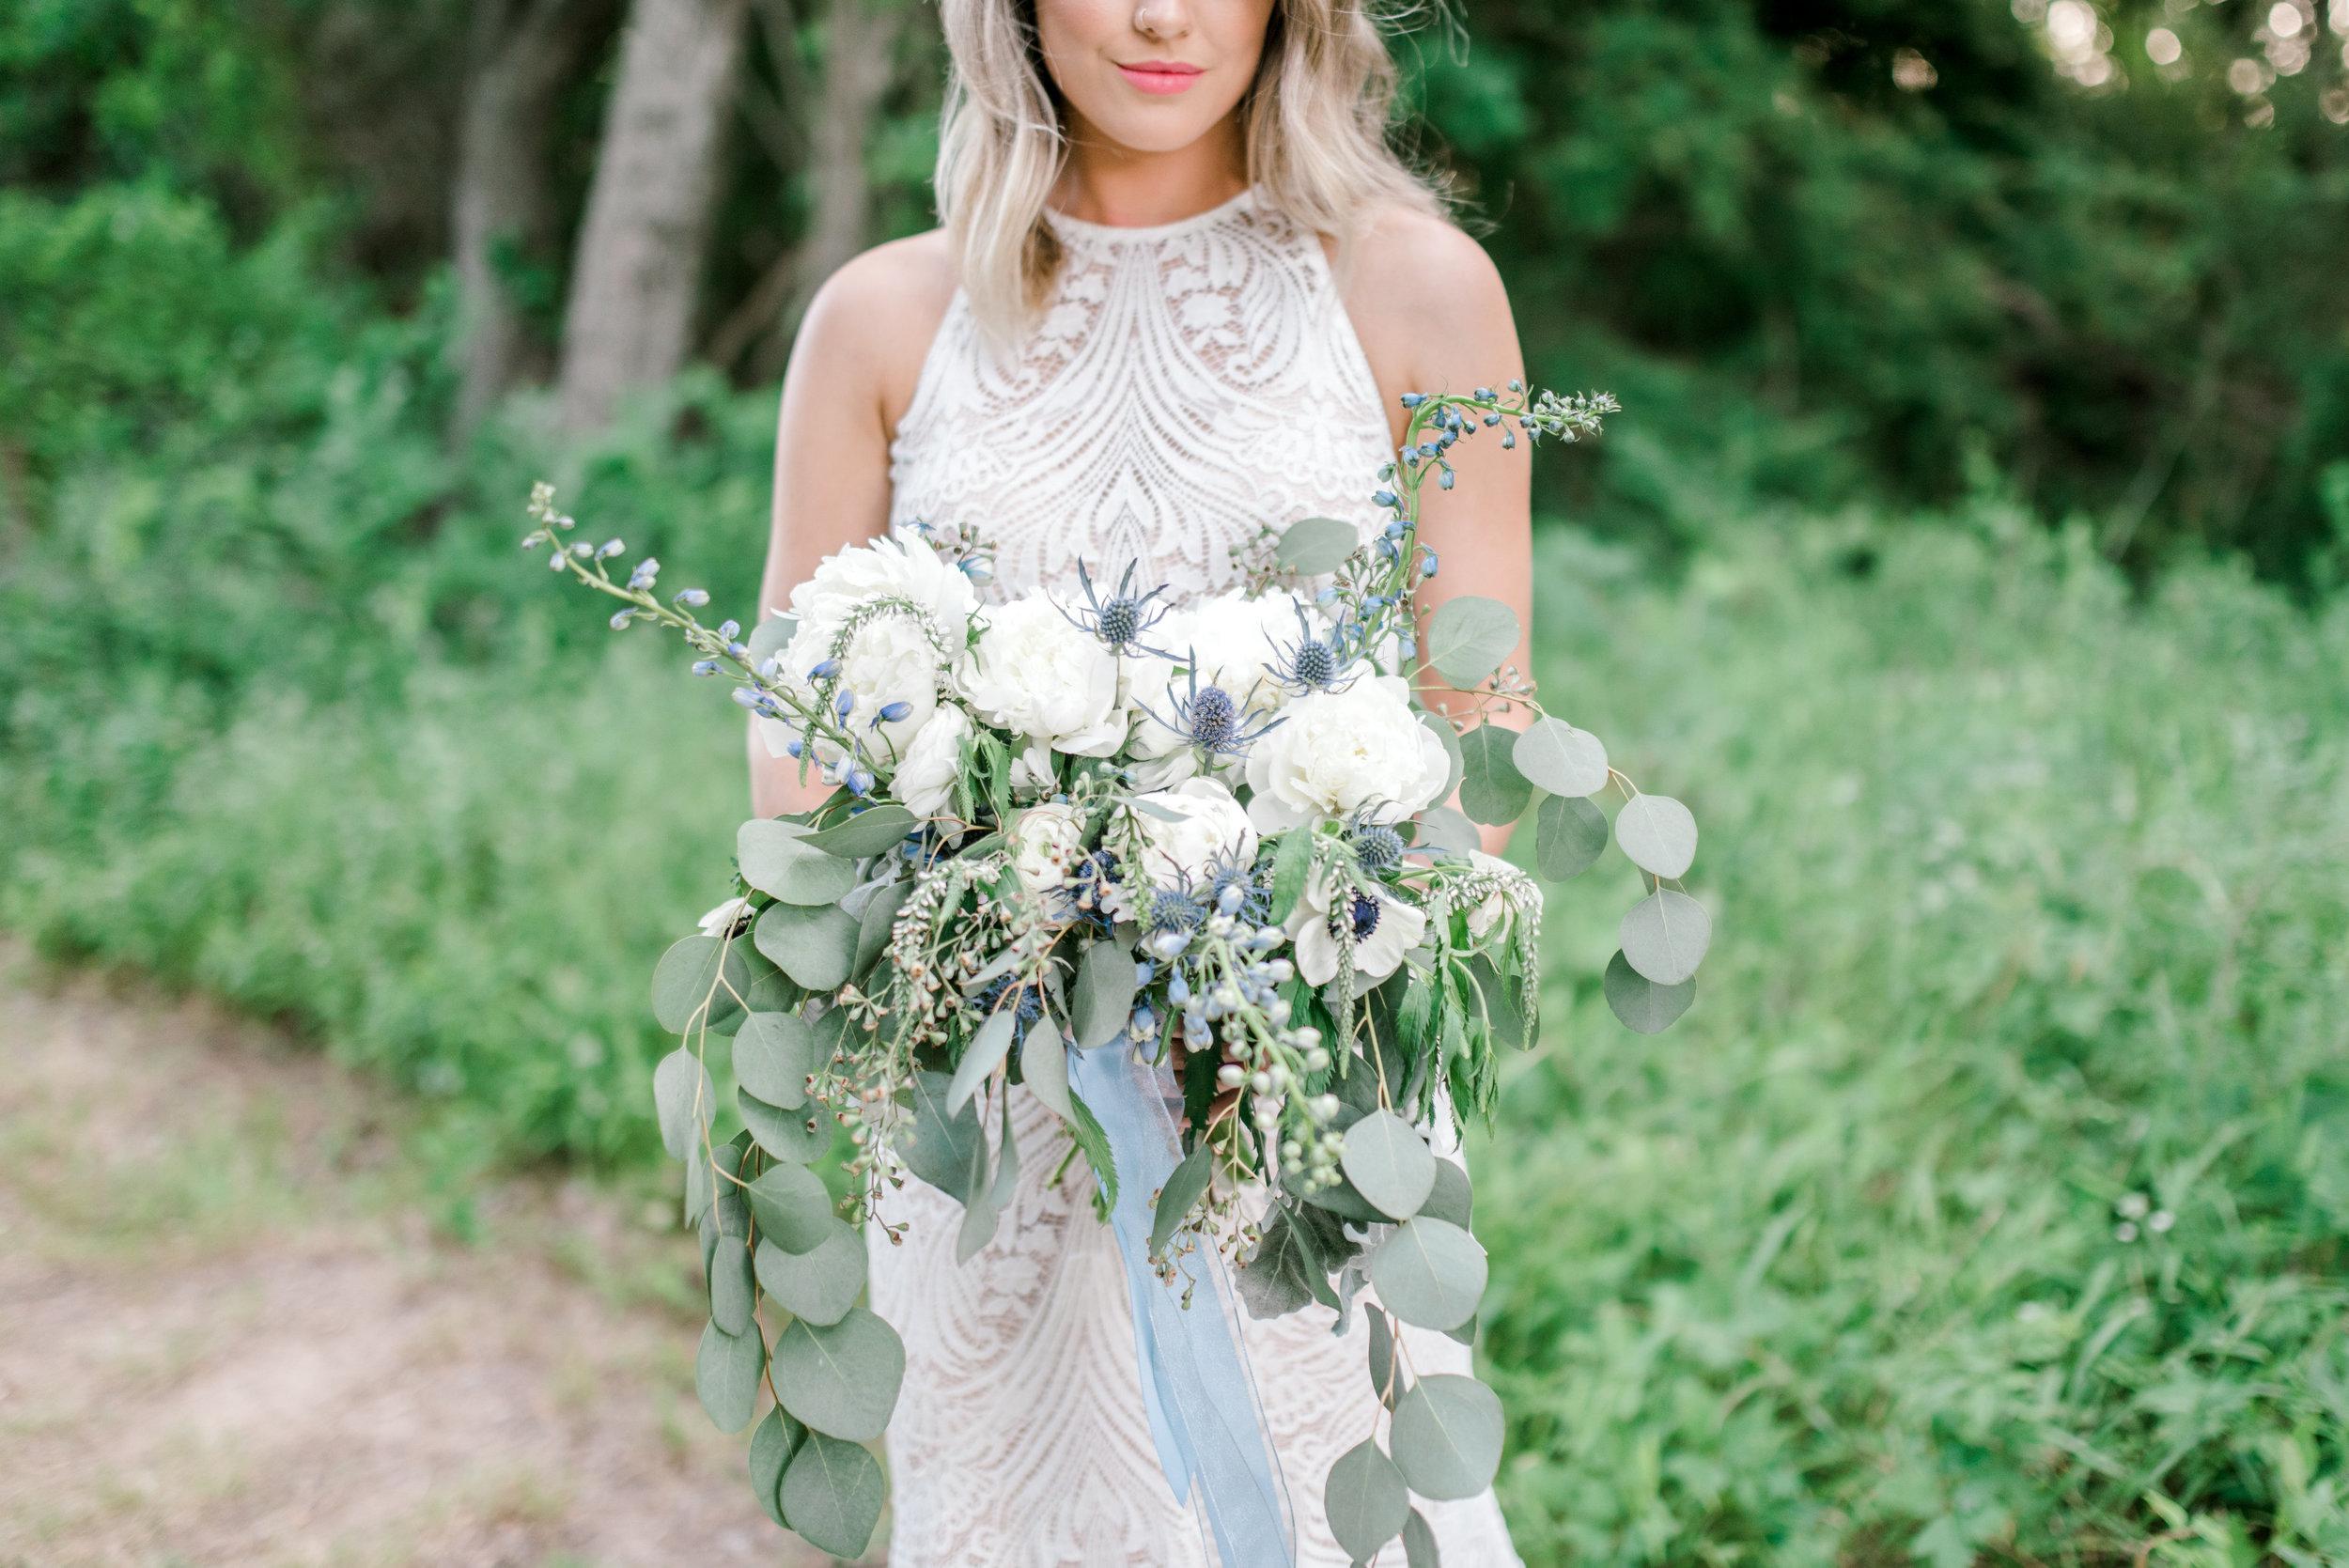 Fort-worth-wedding-planner-dallas-blue-wedding-dress-bridal-wedding-inspiration